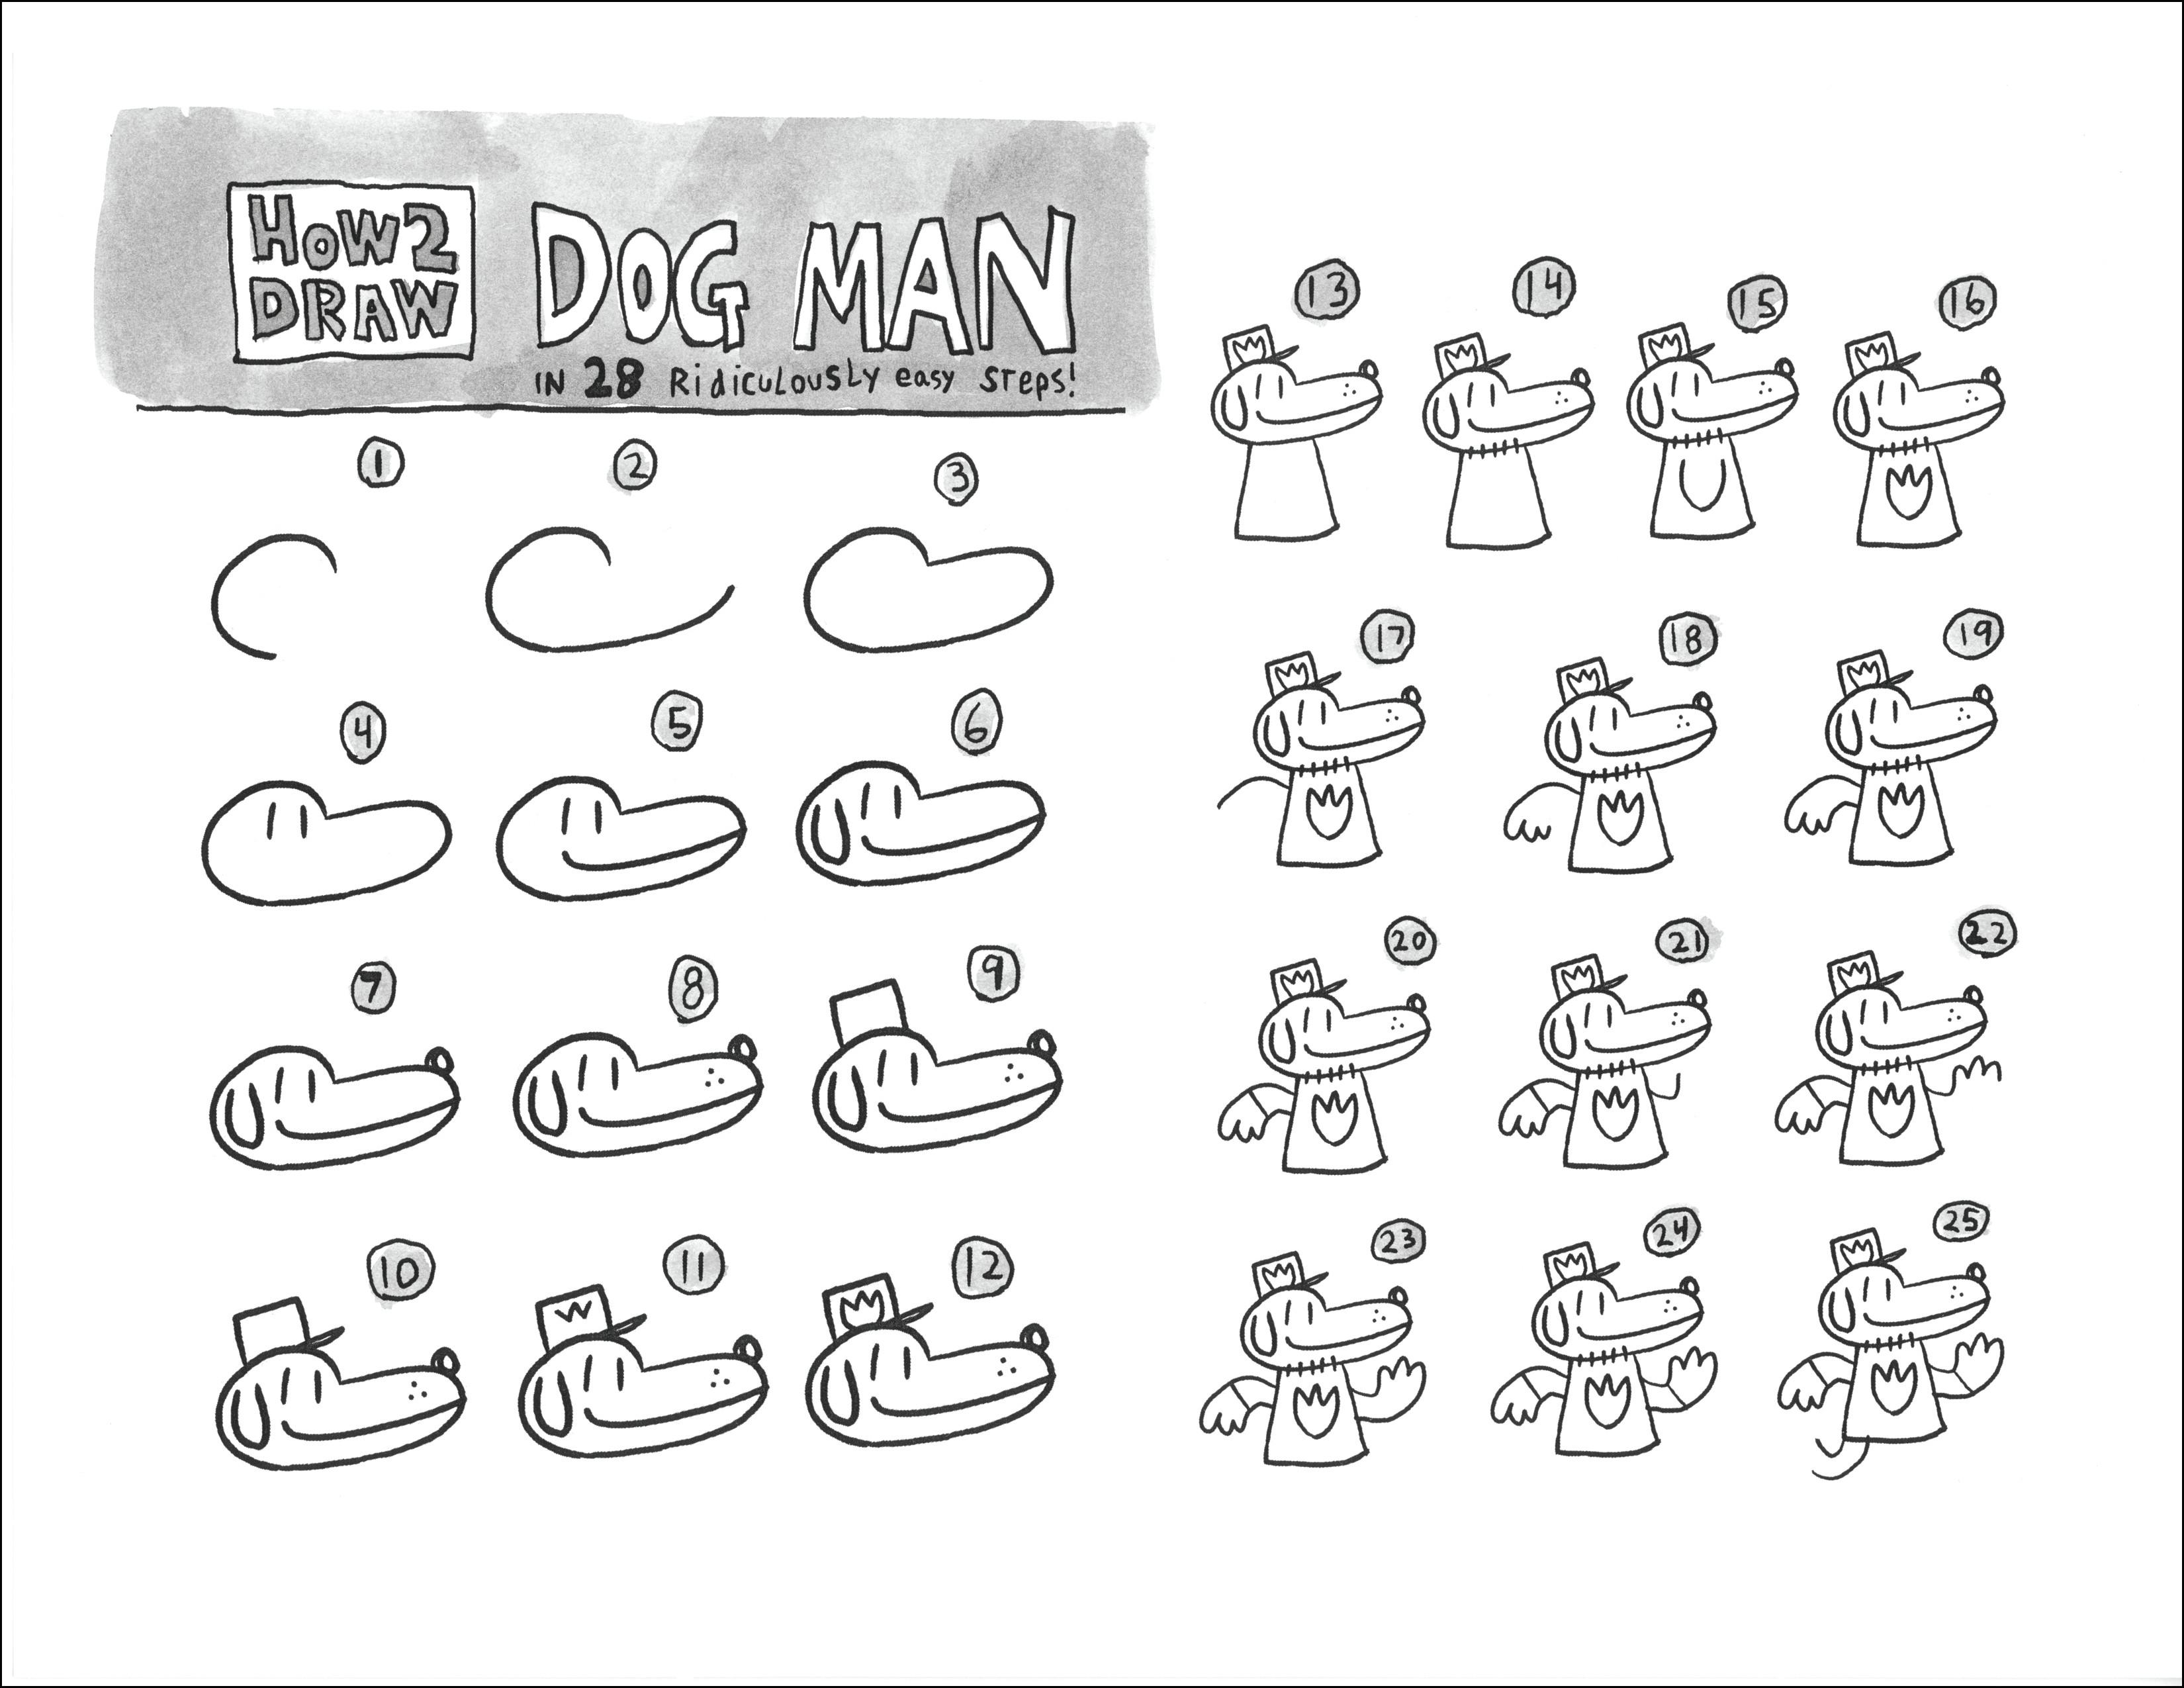 Drawing Dog Man Characters Dog Man